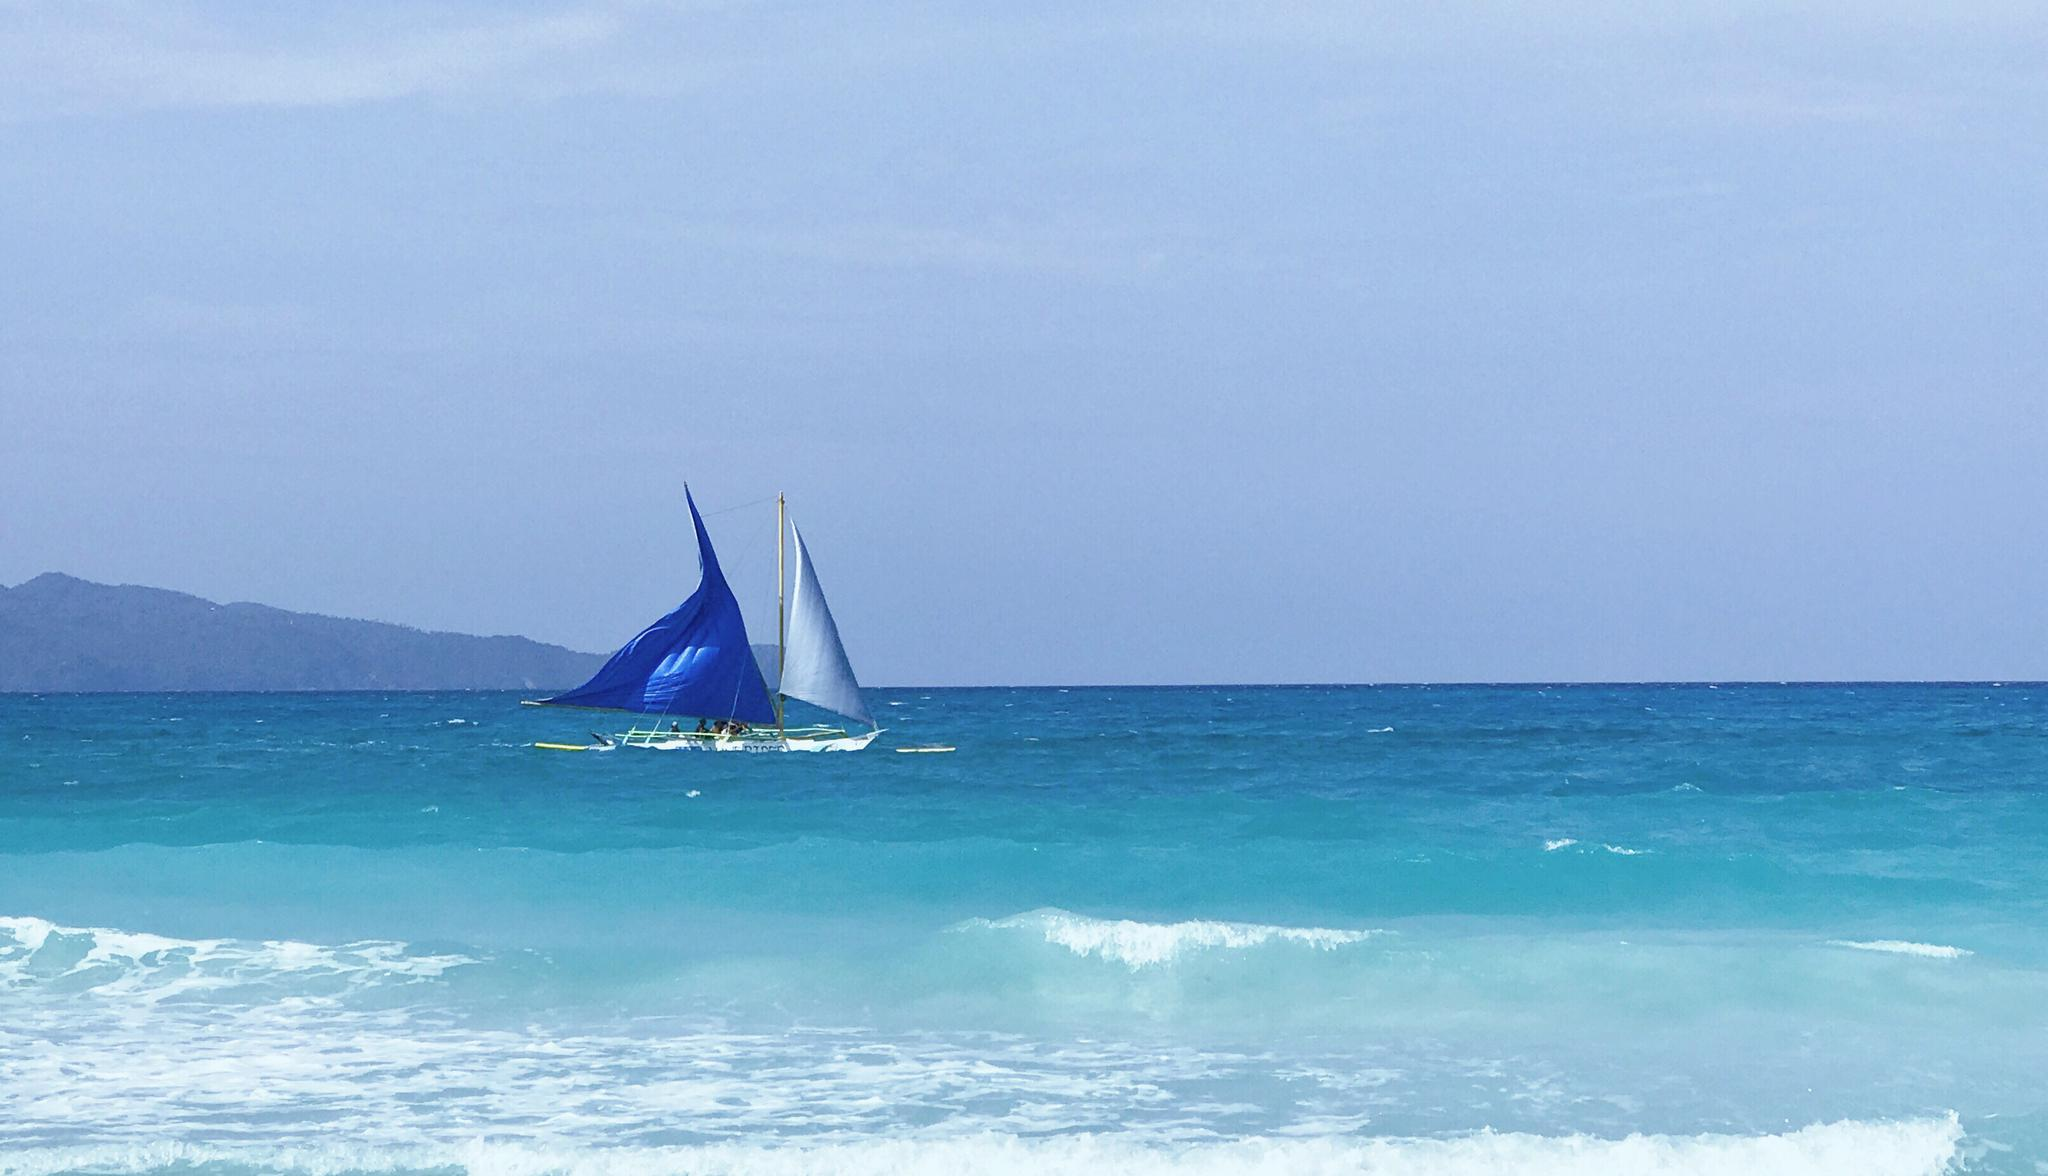 长滩岛·海岛游记 在菲律宾拥有整个夏天